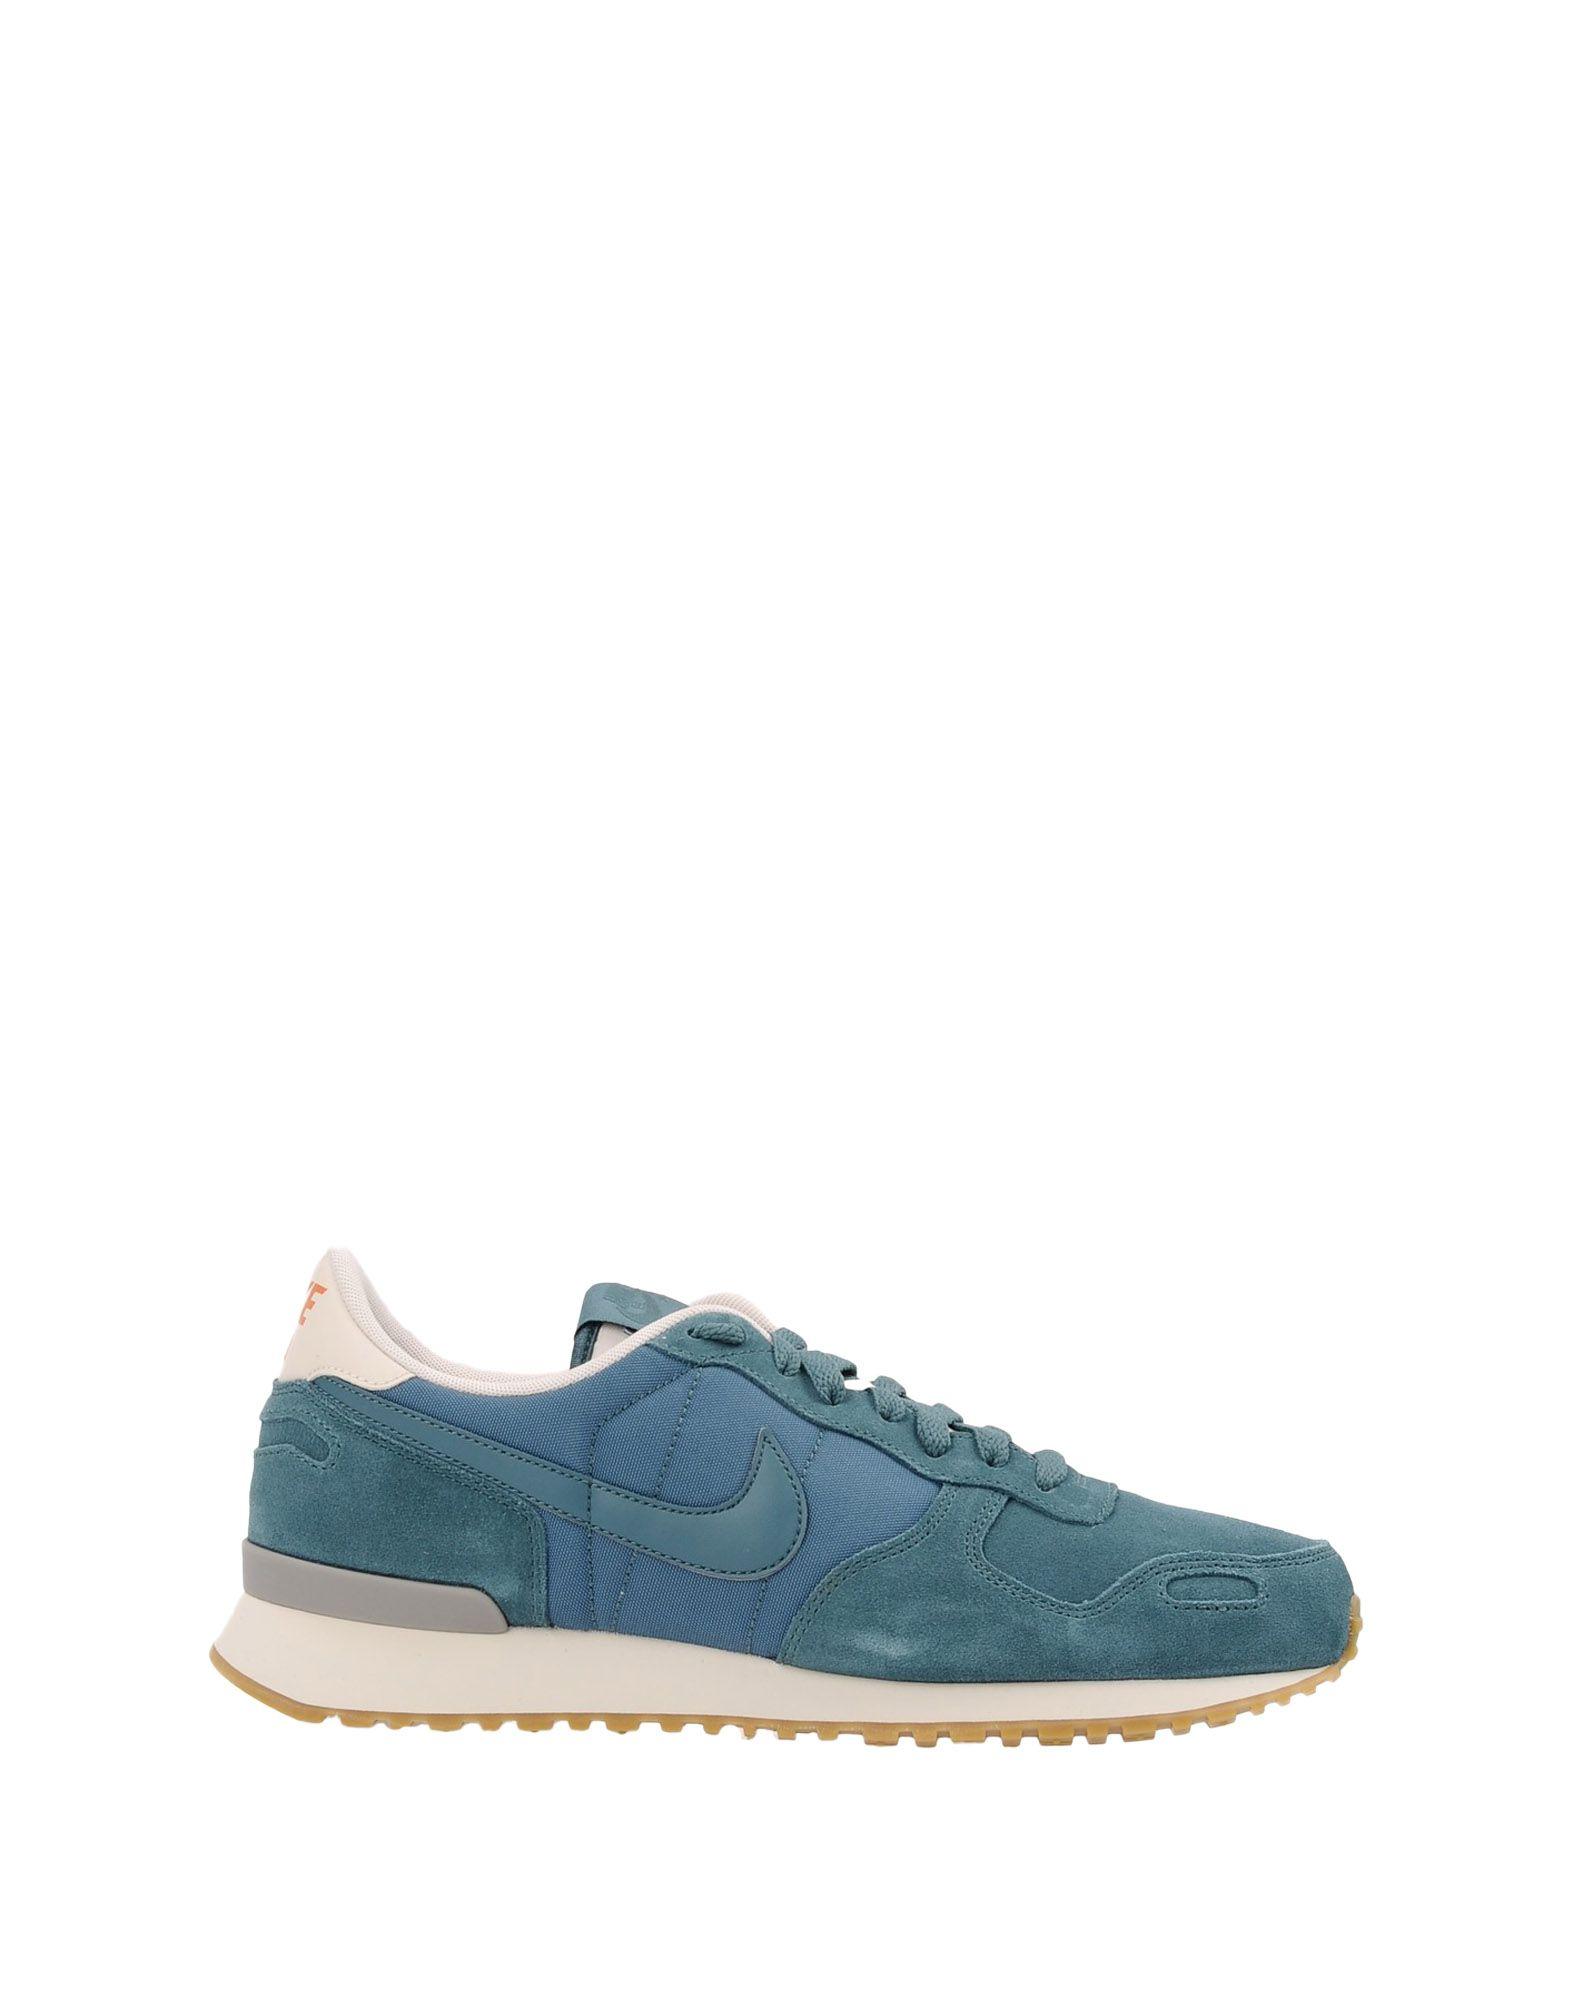 Sneakers Nike  Air Vortex Leather - Homme - Sneakers Nike sur